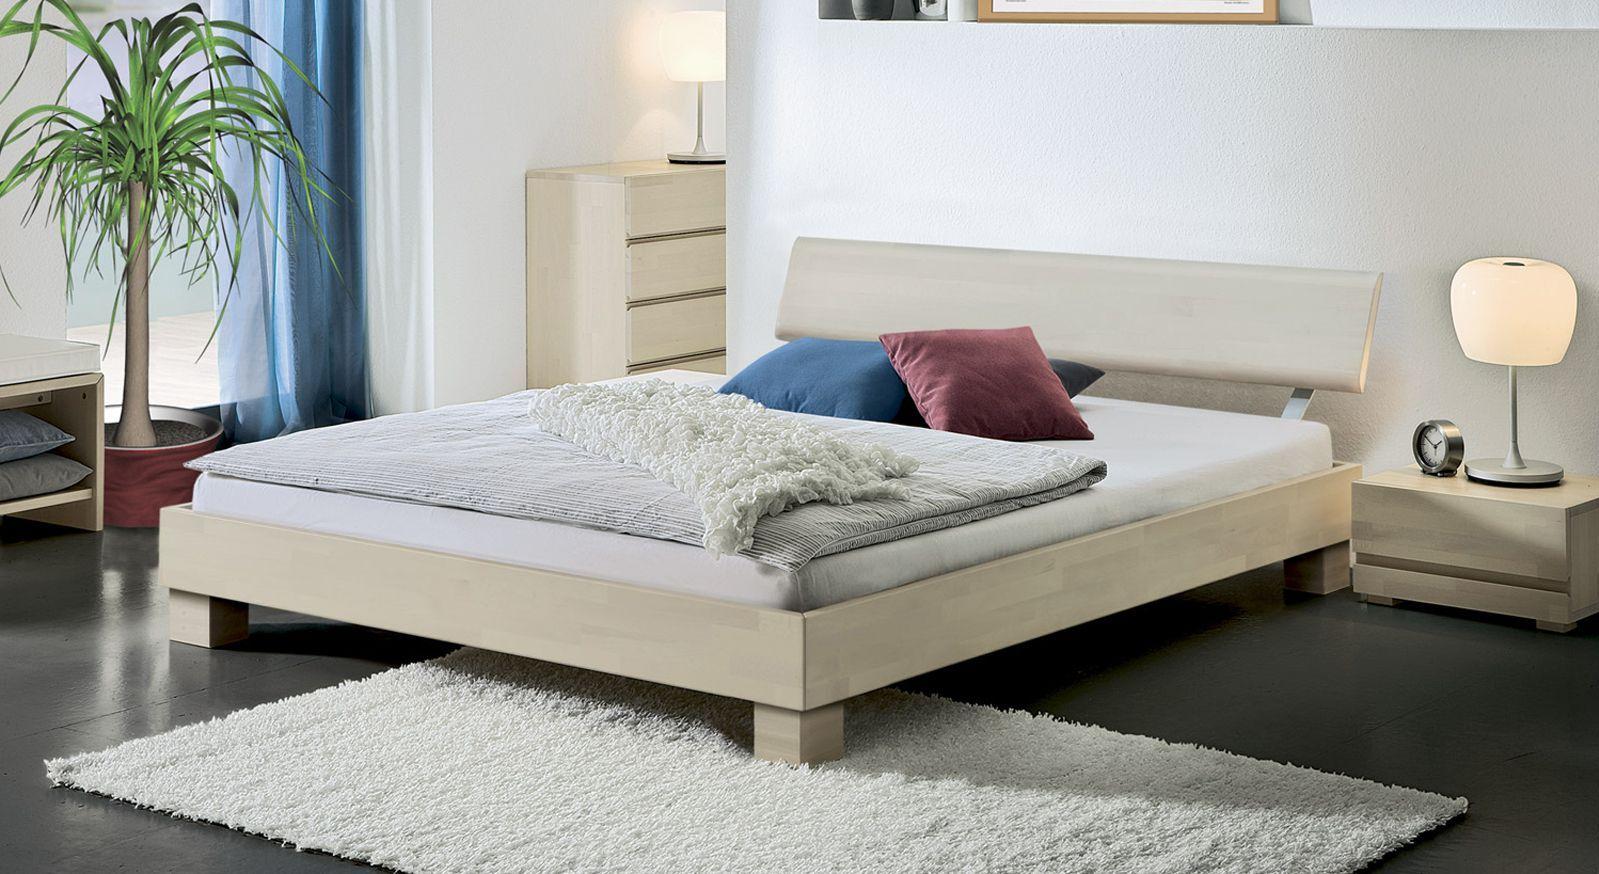 Bett Monza Buche weiß